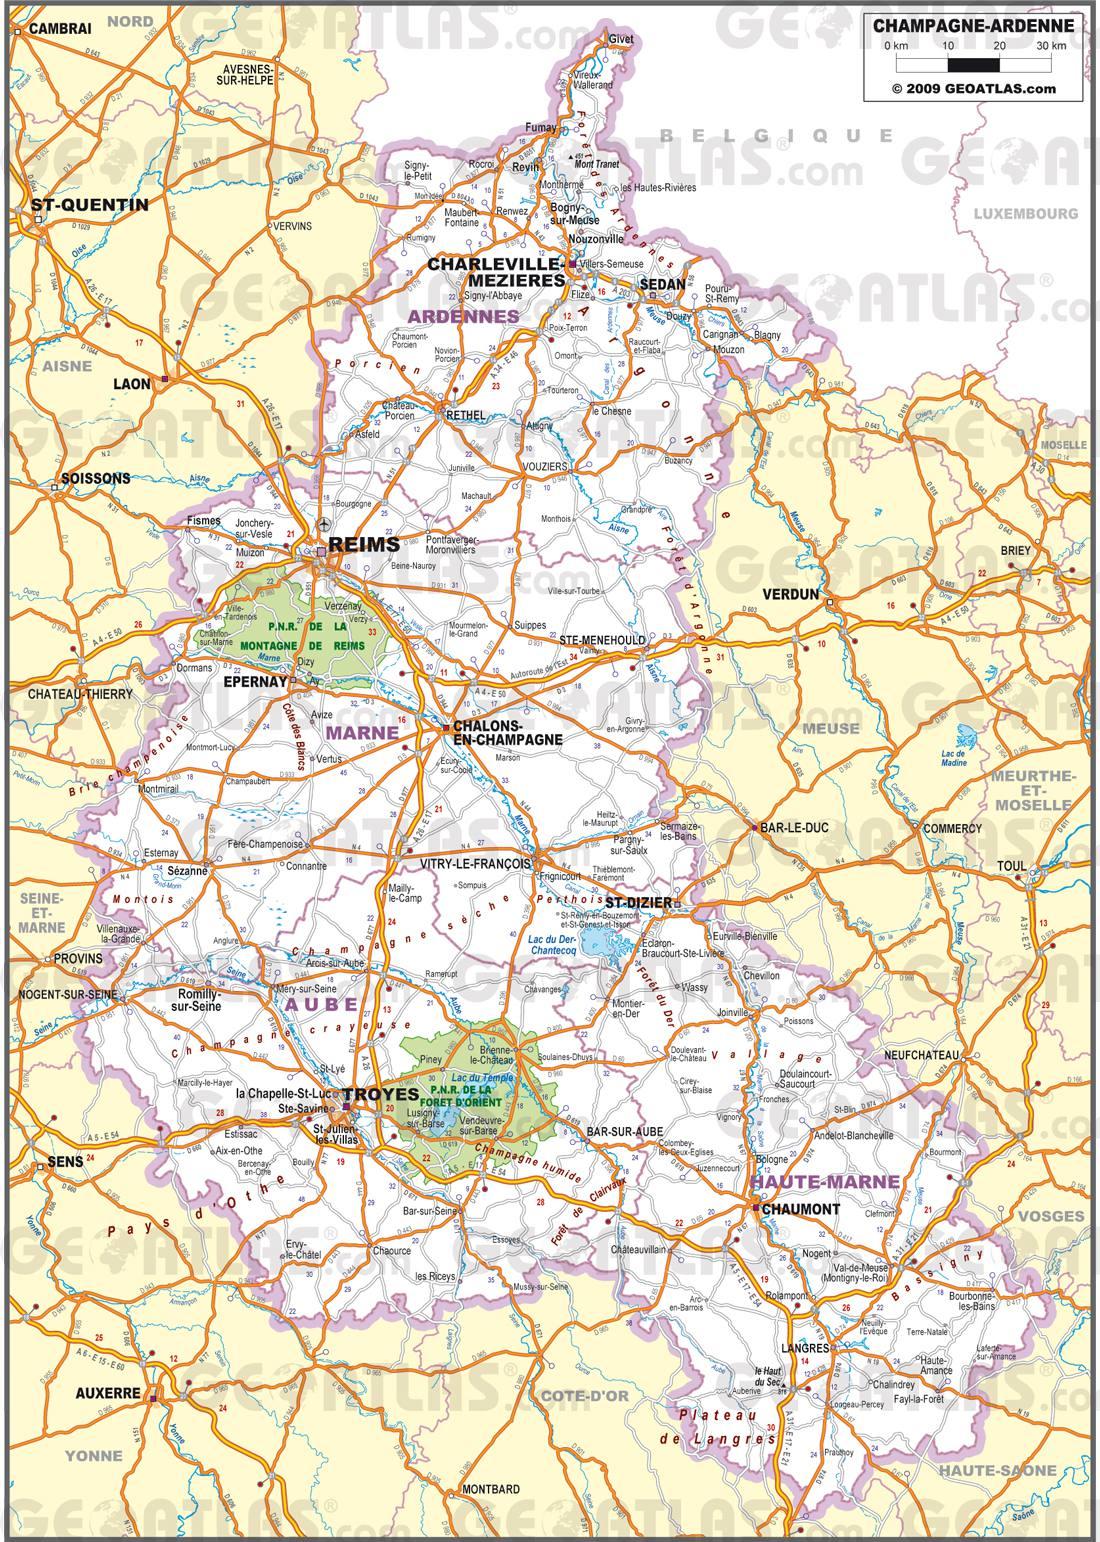 Carte de la Champagne Ardenne   Plusieurs cartes de la région